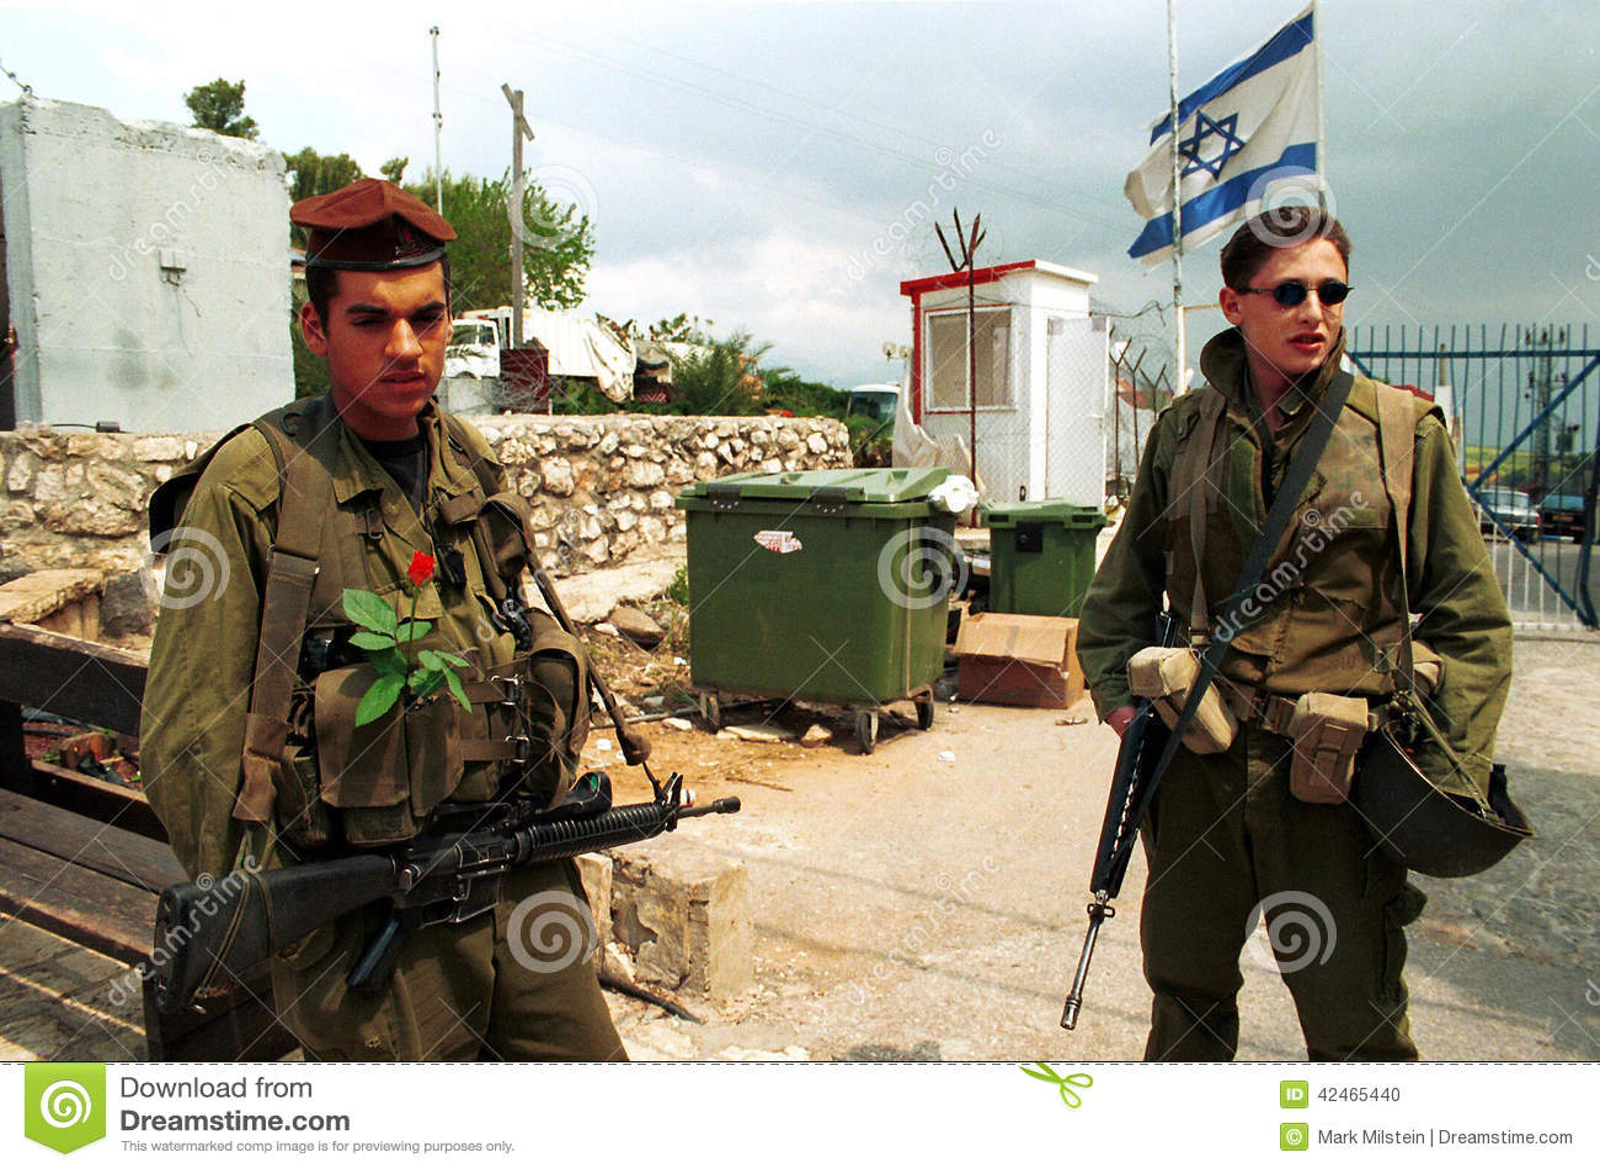 Metula Israel  City pictures : metula israel el 22 de marzo de 2000 los soldados israelíes guardan ...